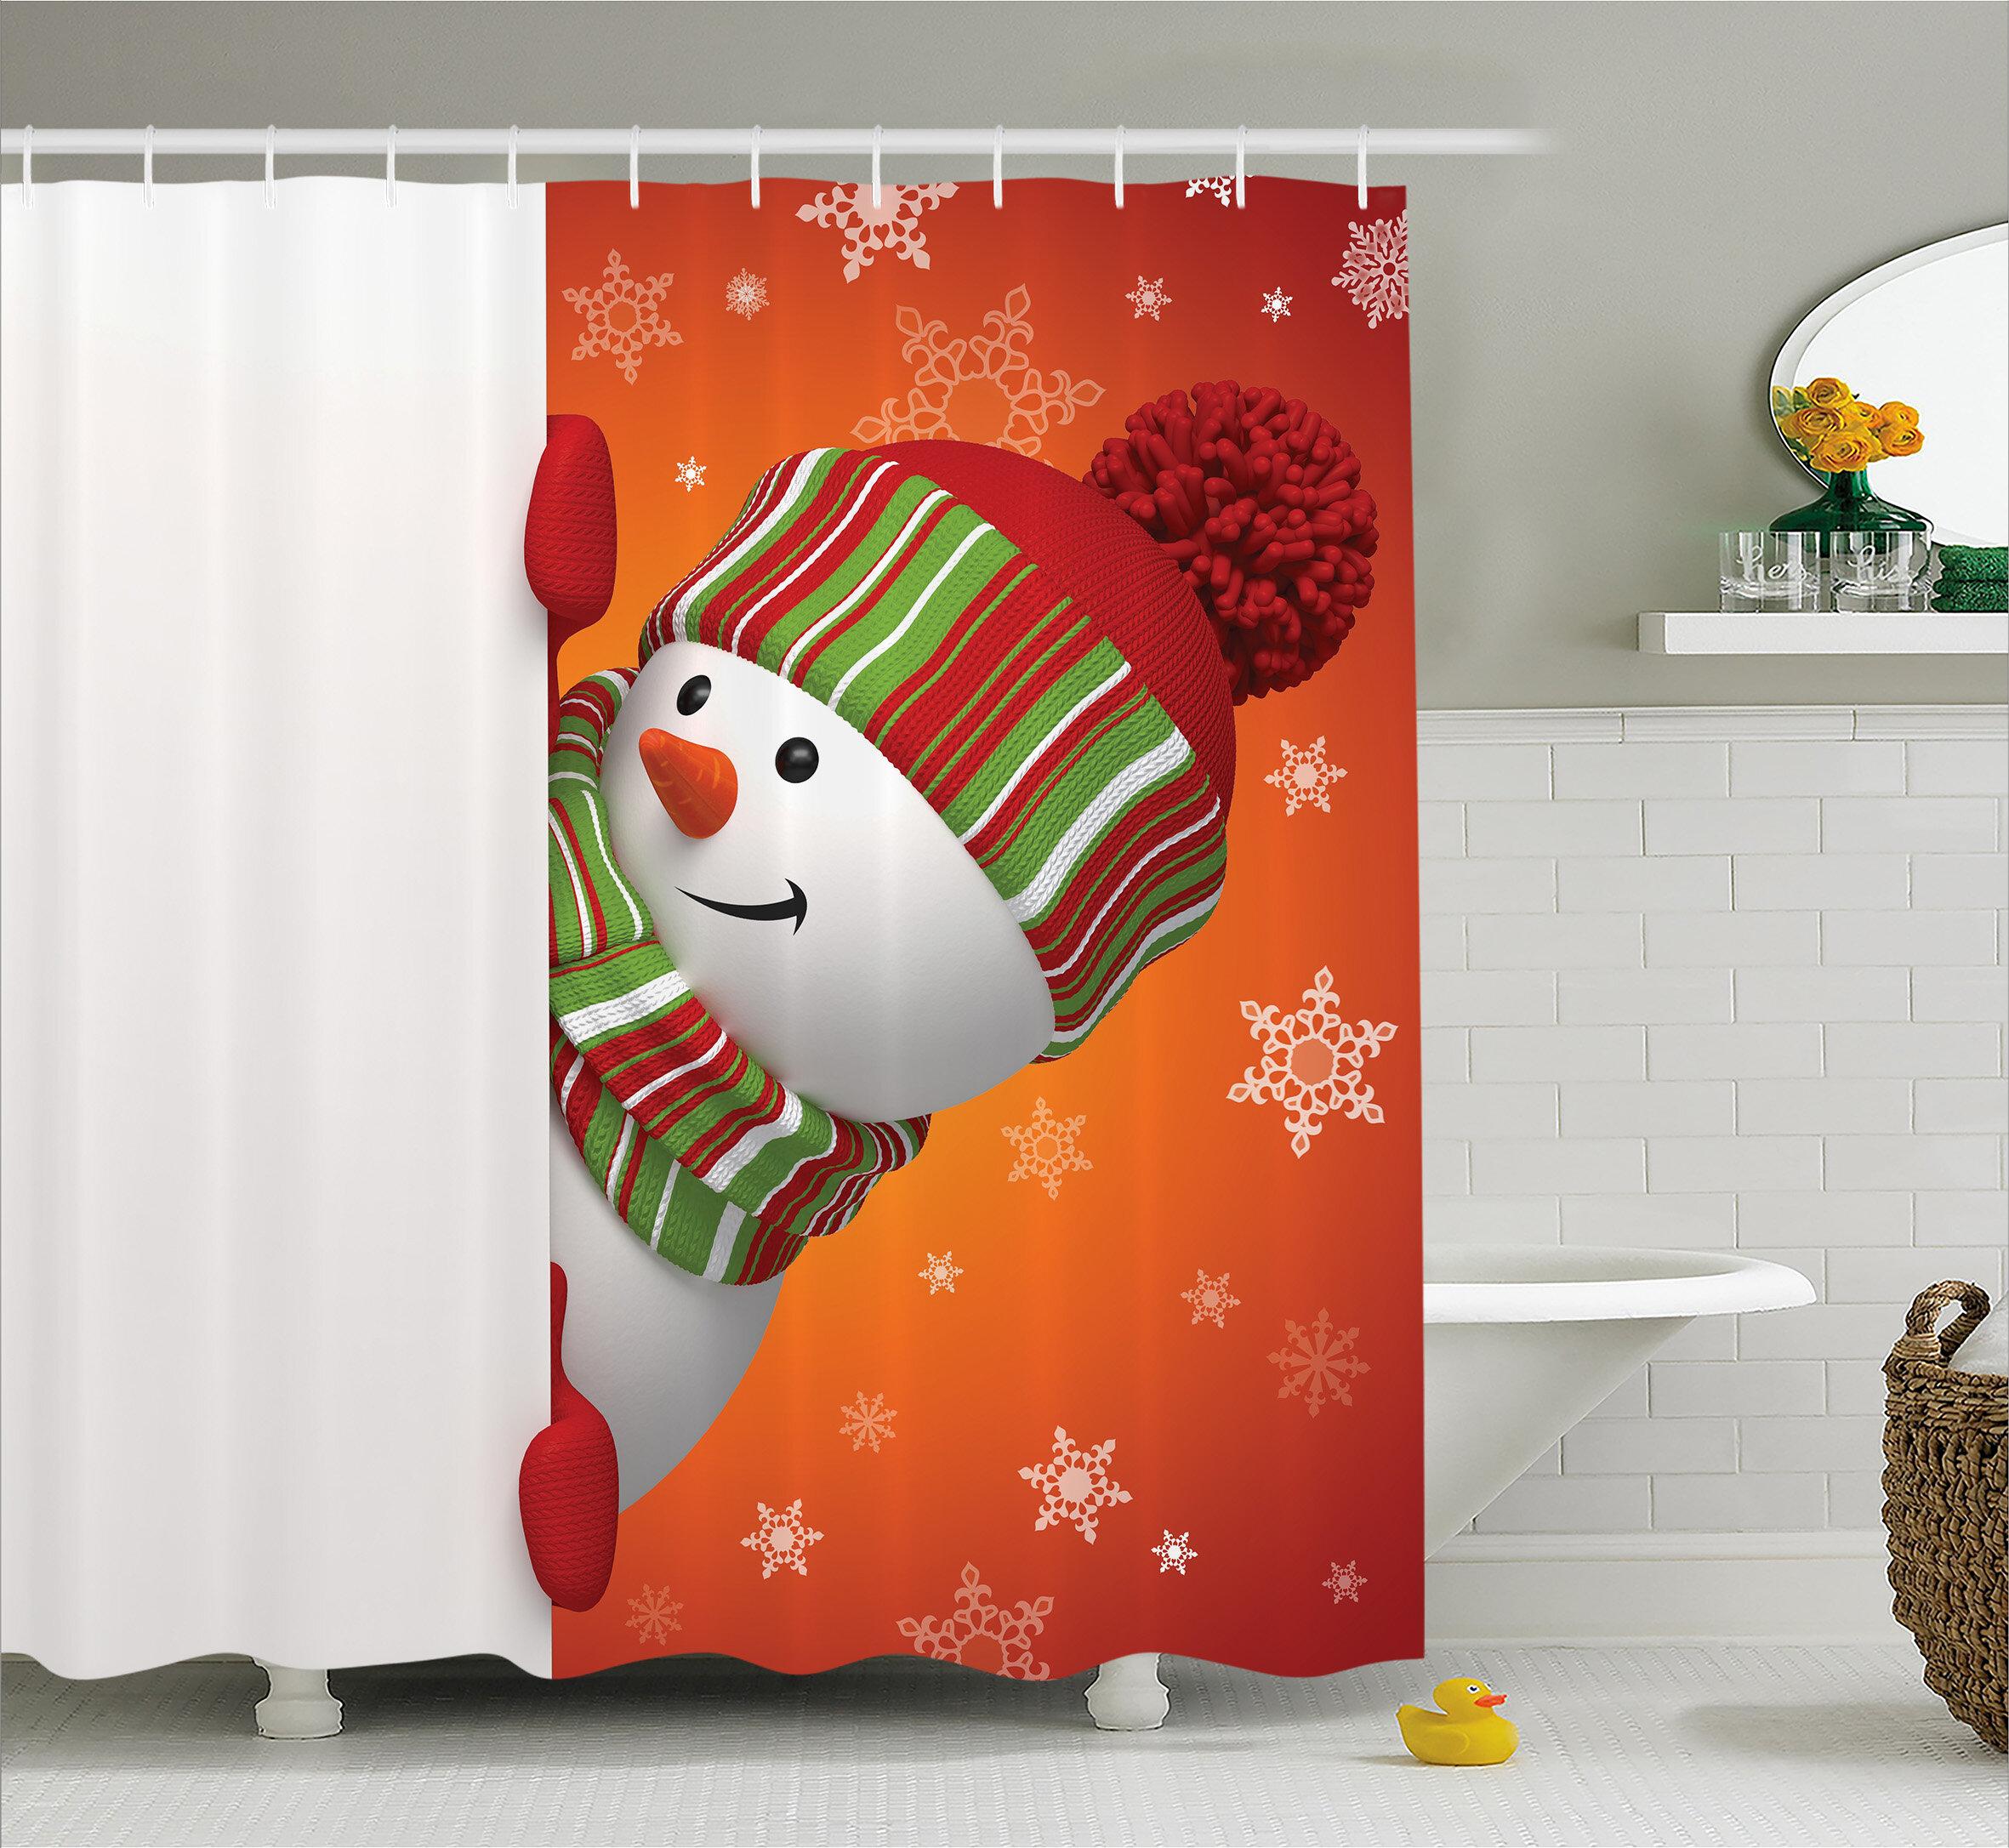 The Holiday Aisle Christmas Funny Snowman Santa Shower Curtain